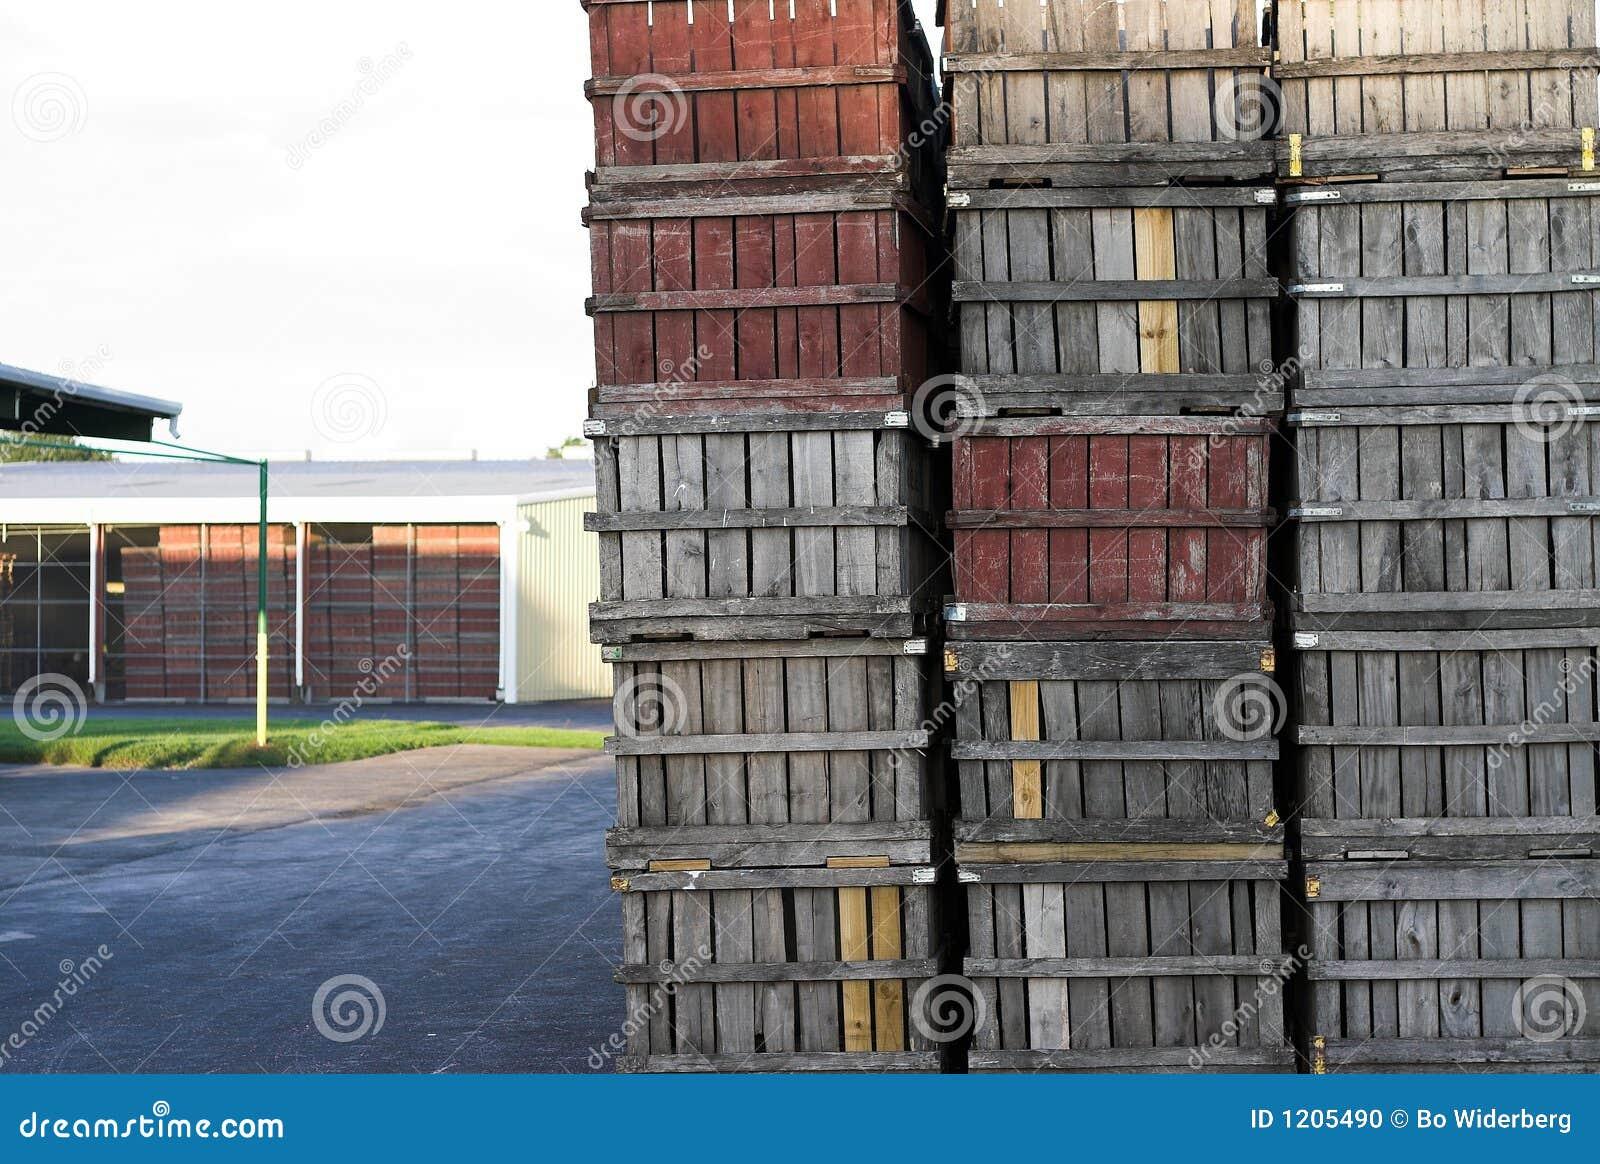 vieilles caisses en bois de fruit photo stock image 1205490. Black Bedroom Furniture Sets. Home Design Ideas